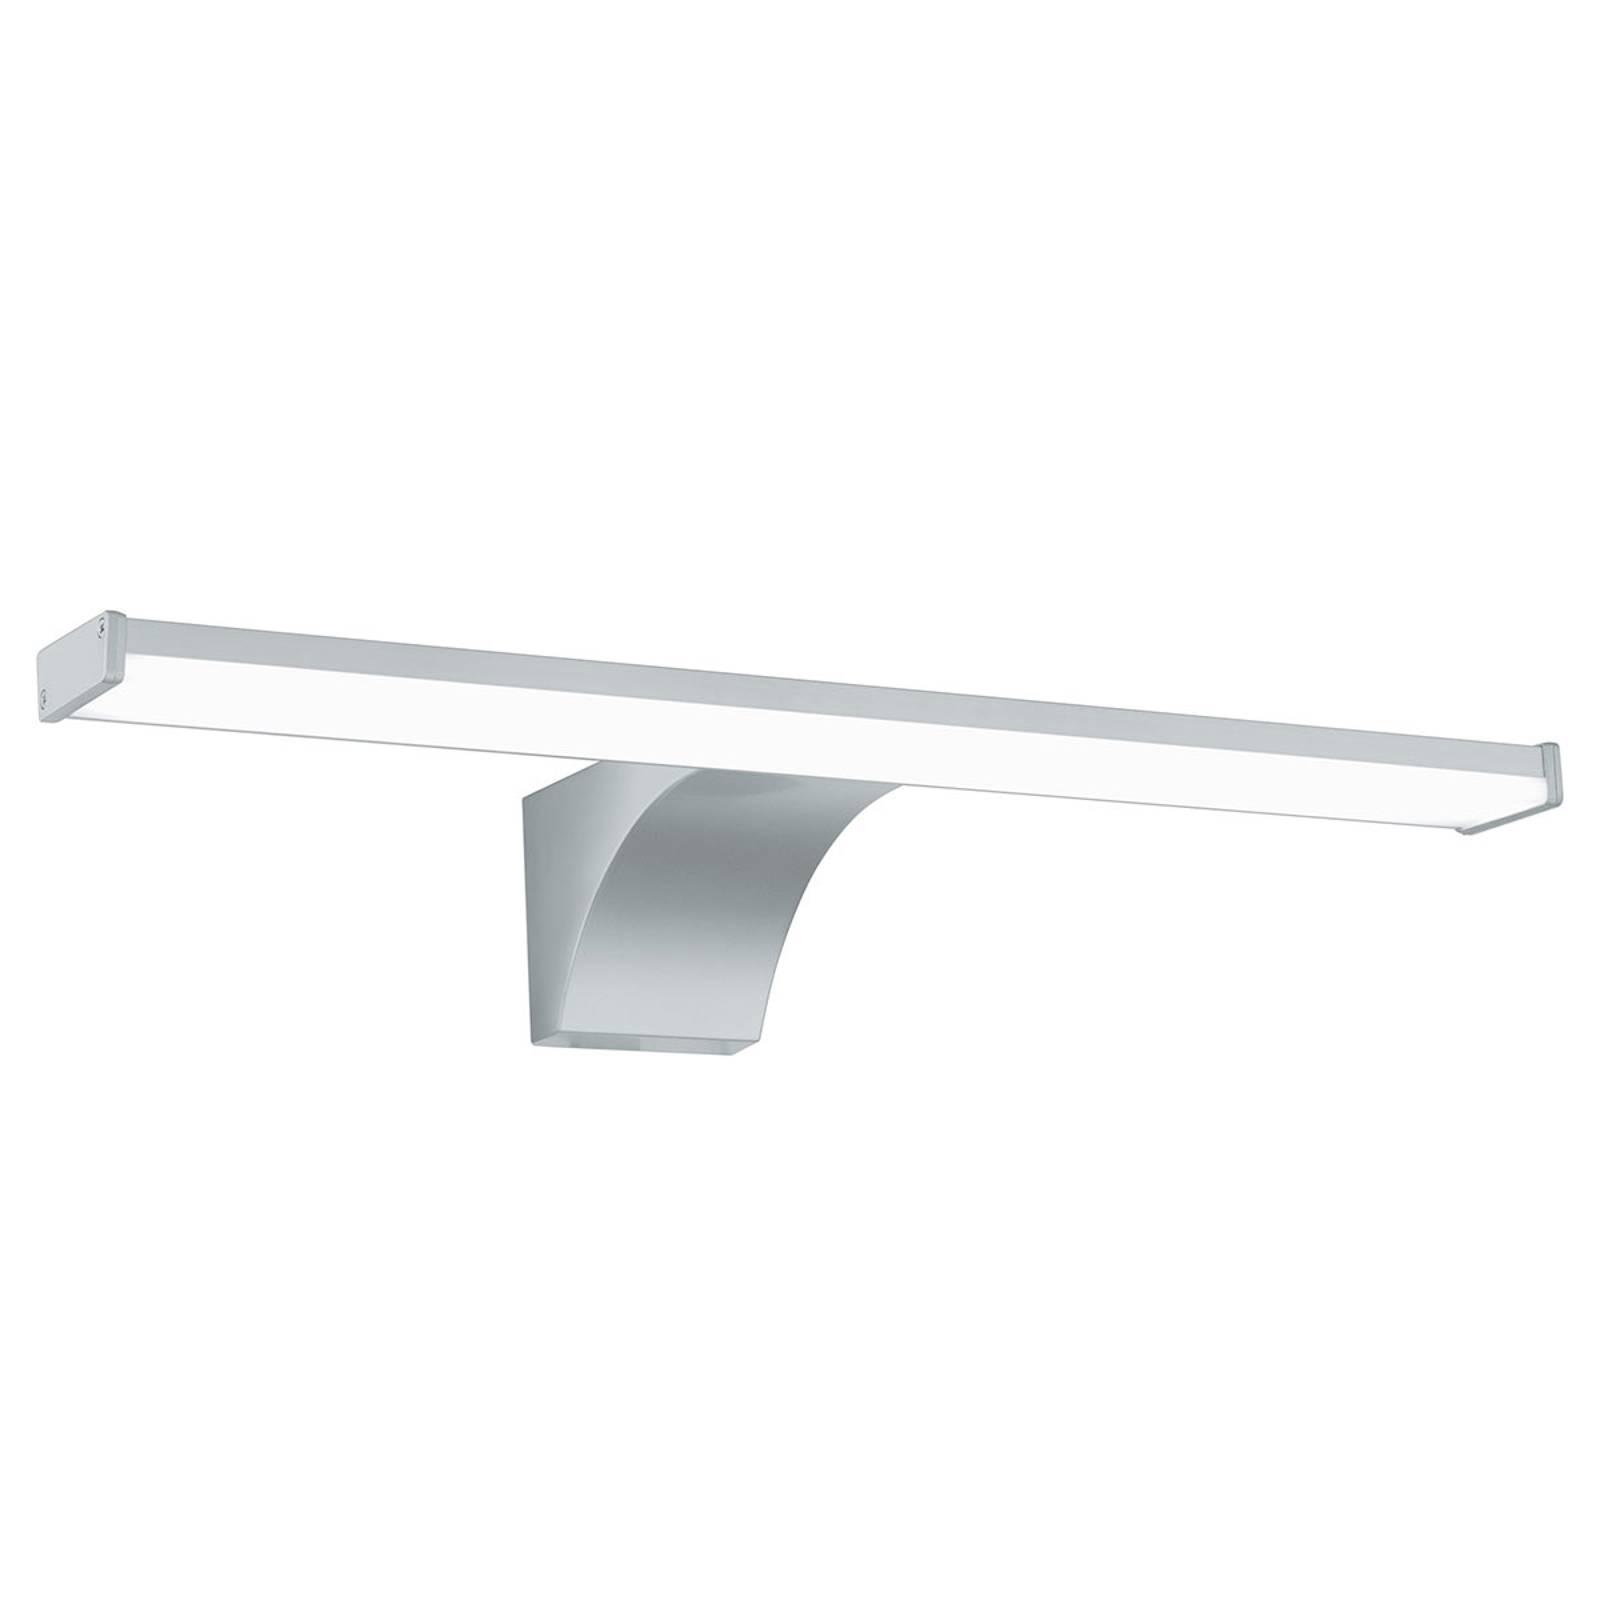 LED-peililamppu Pandella 2 IP44